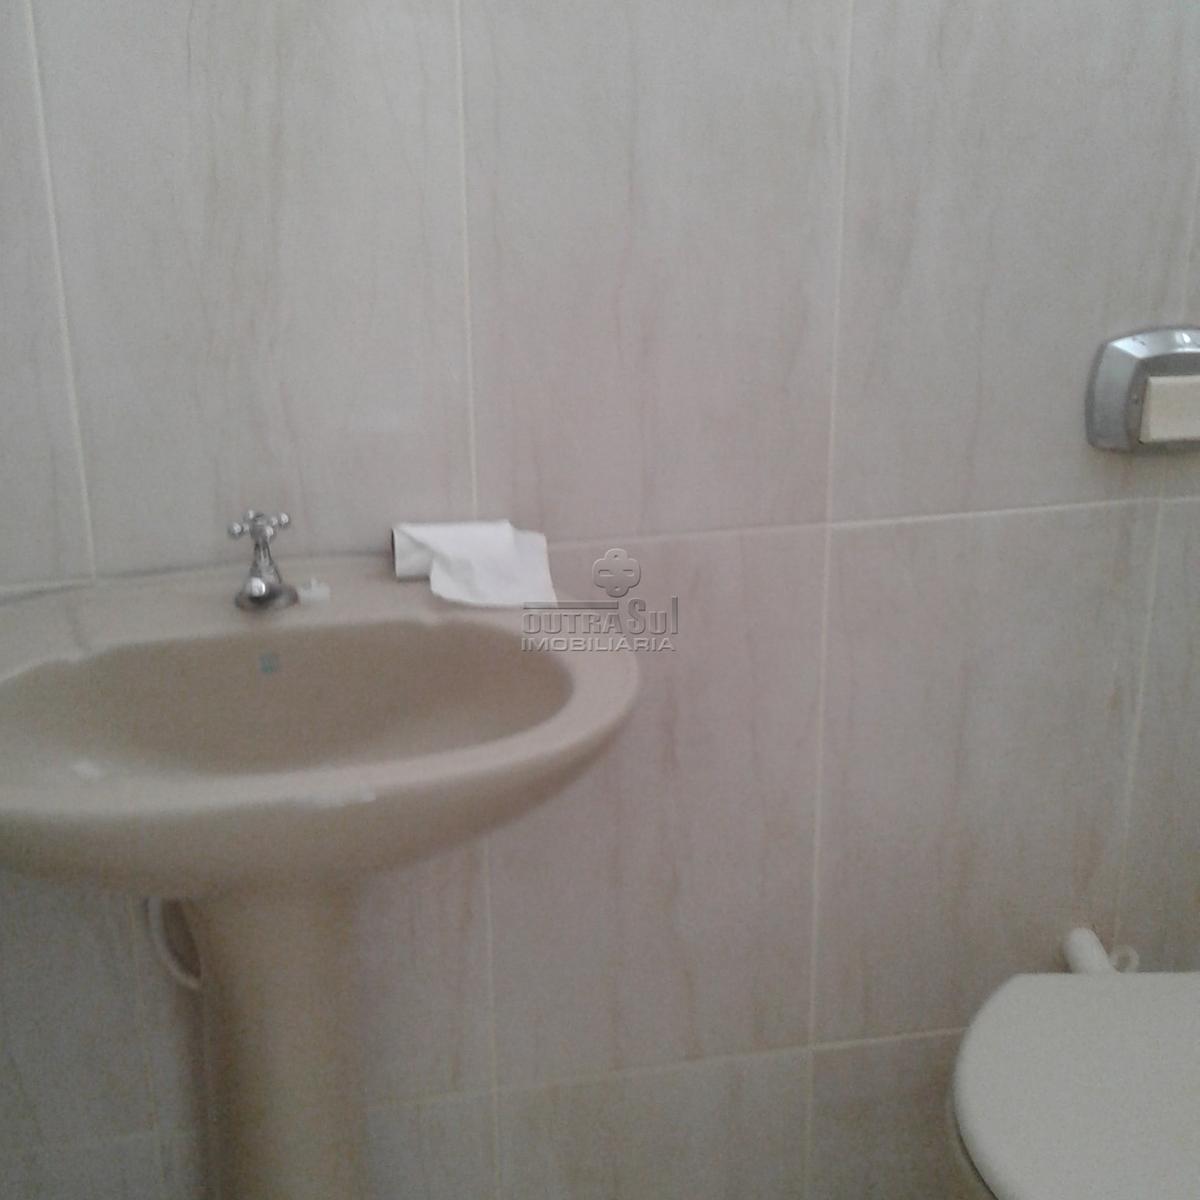 Casa para aluguel com 3 Quartos Xaxim Curitiba R$ 1.300 104 m2  #4D4639 1200 1200